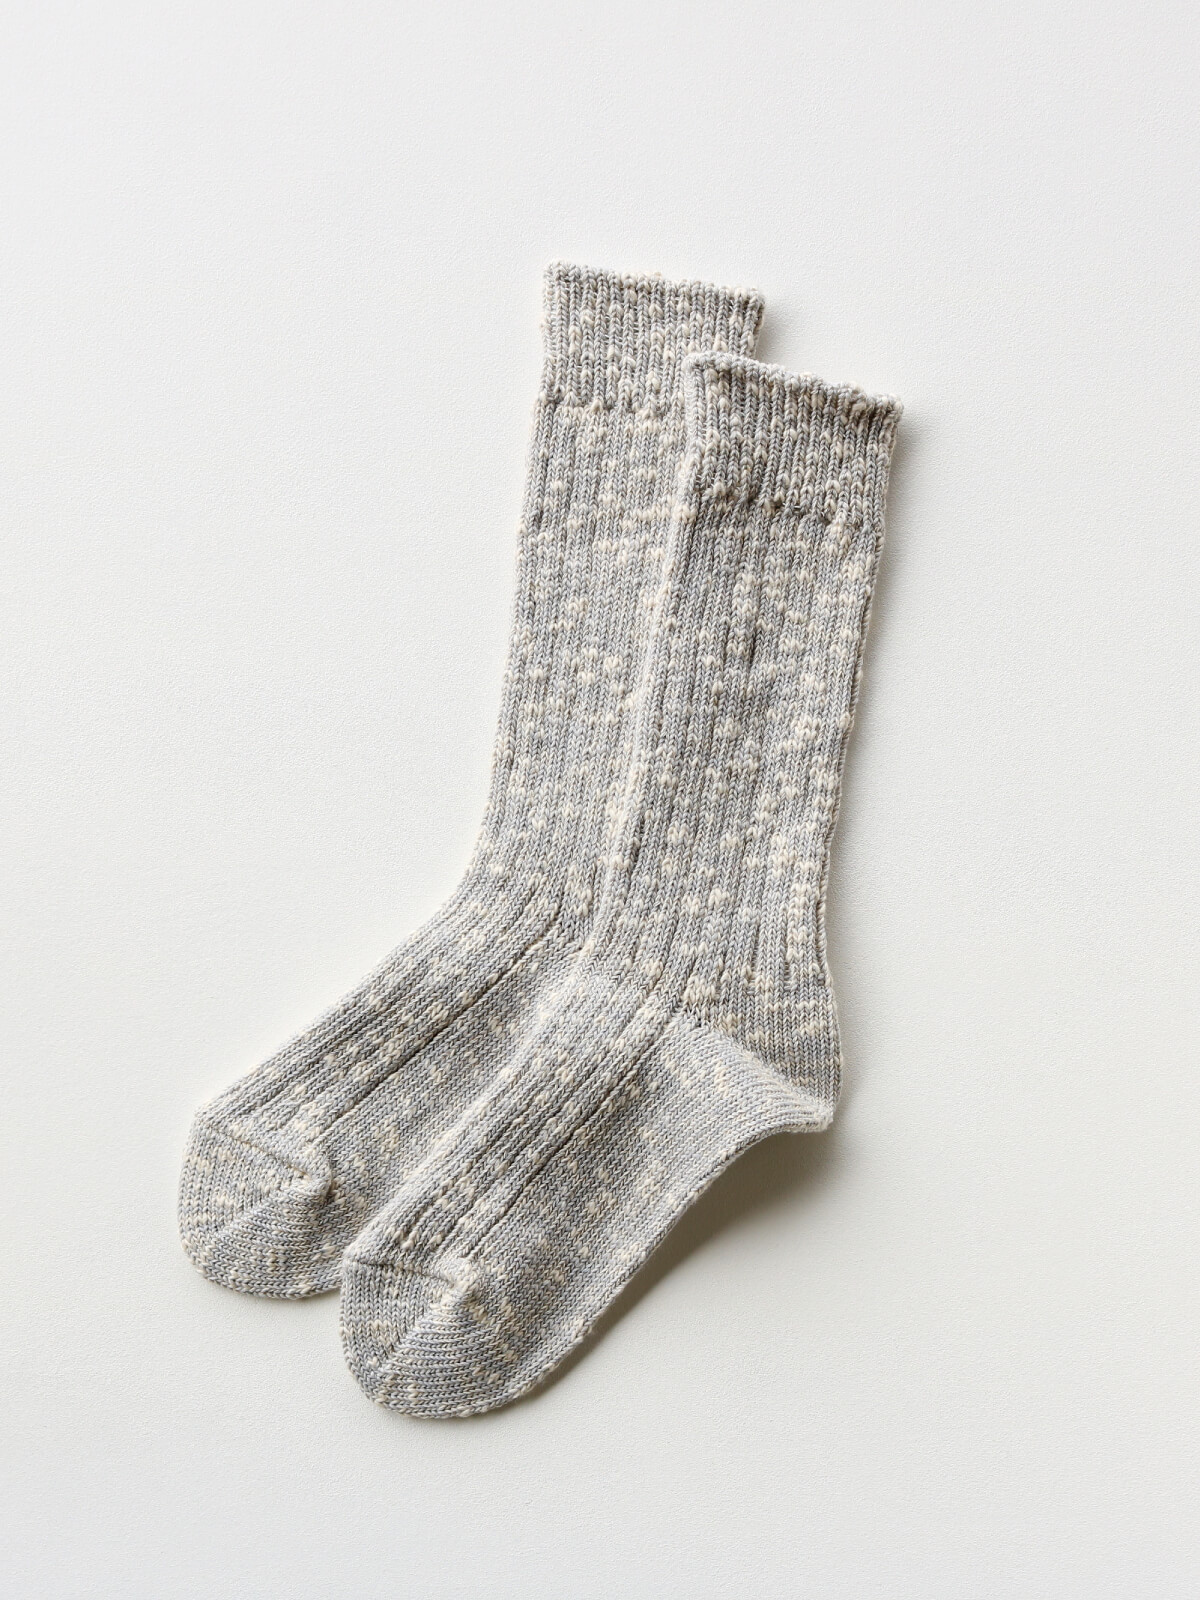 当たりつきギフト専用靴下のLUCKY SOCKS(ラッキーソックス)のMix Rib Socks(ミックスリブソックス)のライトグレー_2